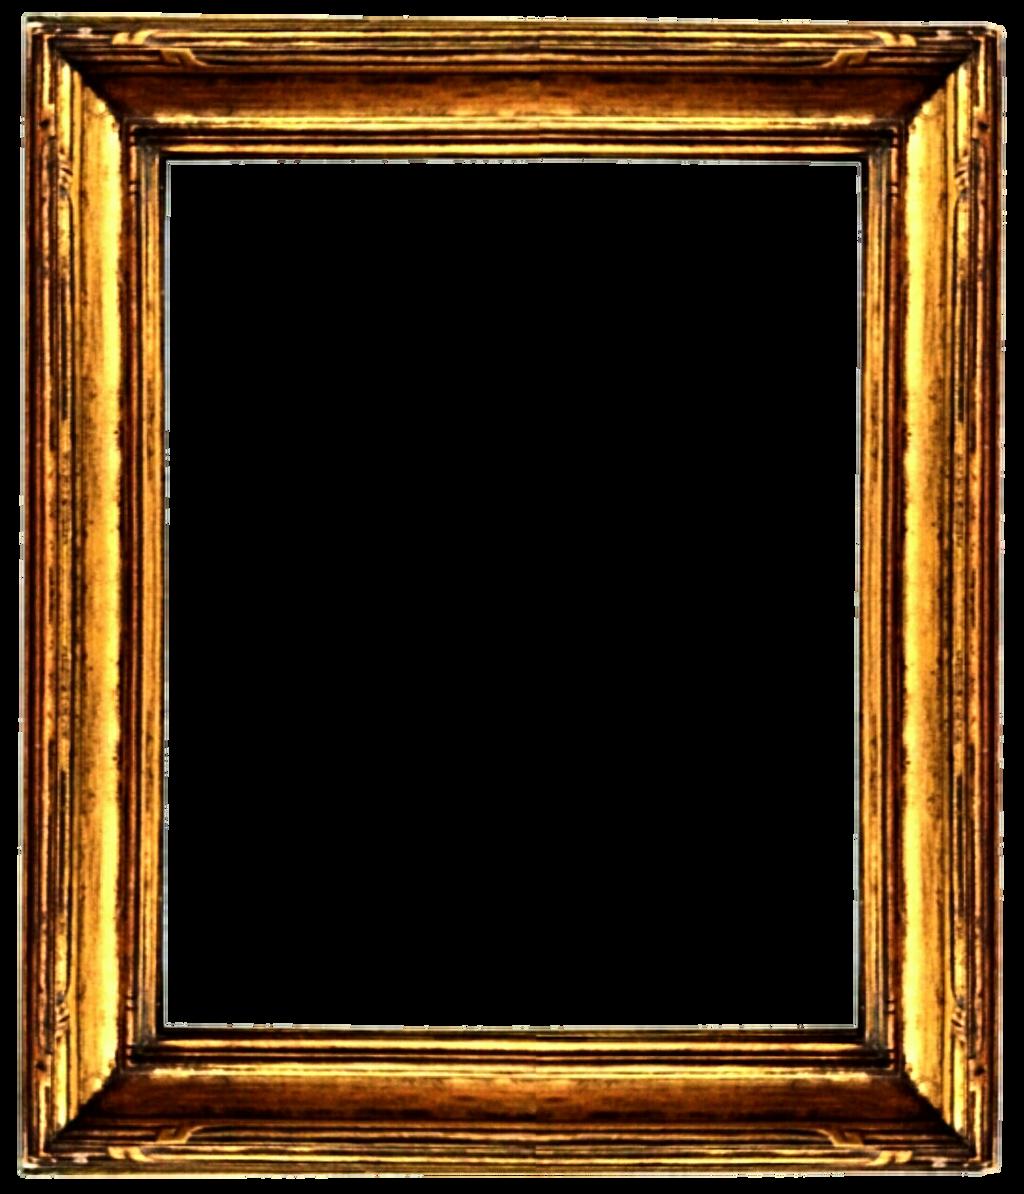 Simple Rustic Frame by jeanicebartzen27 on DeviantArt